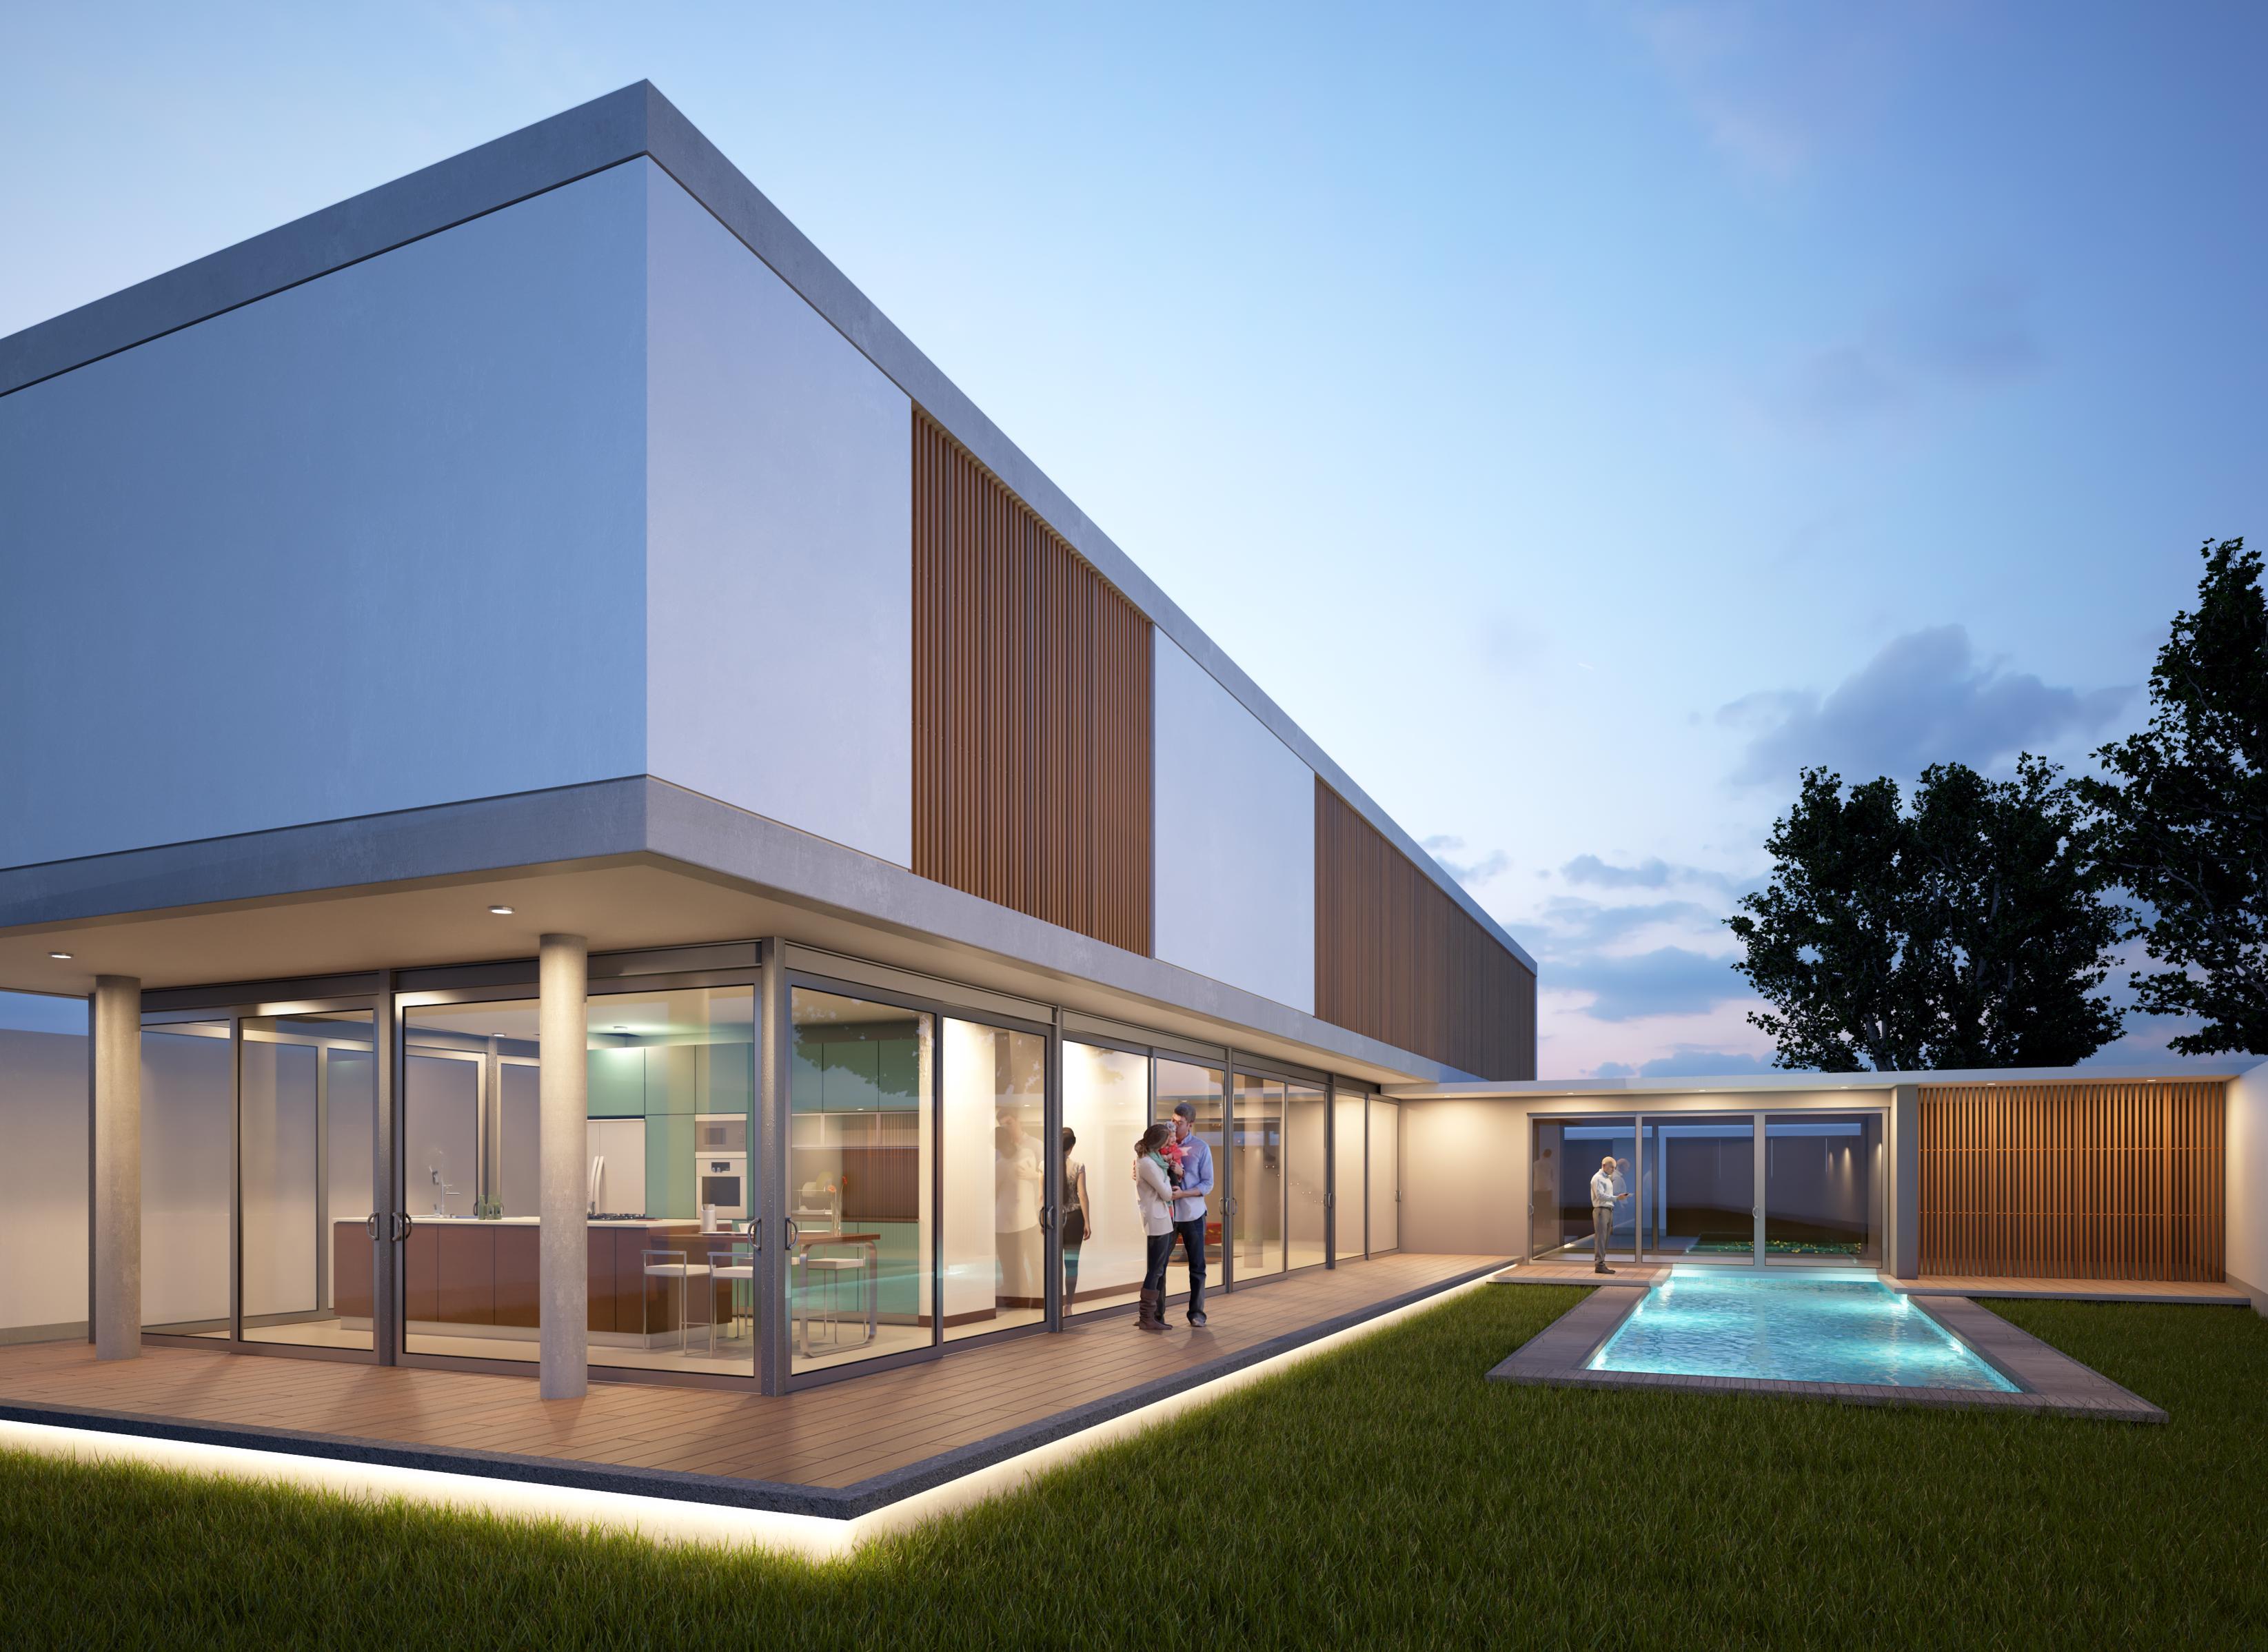 proyecto Casa SG - Piura